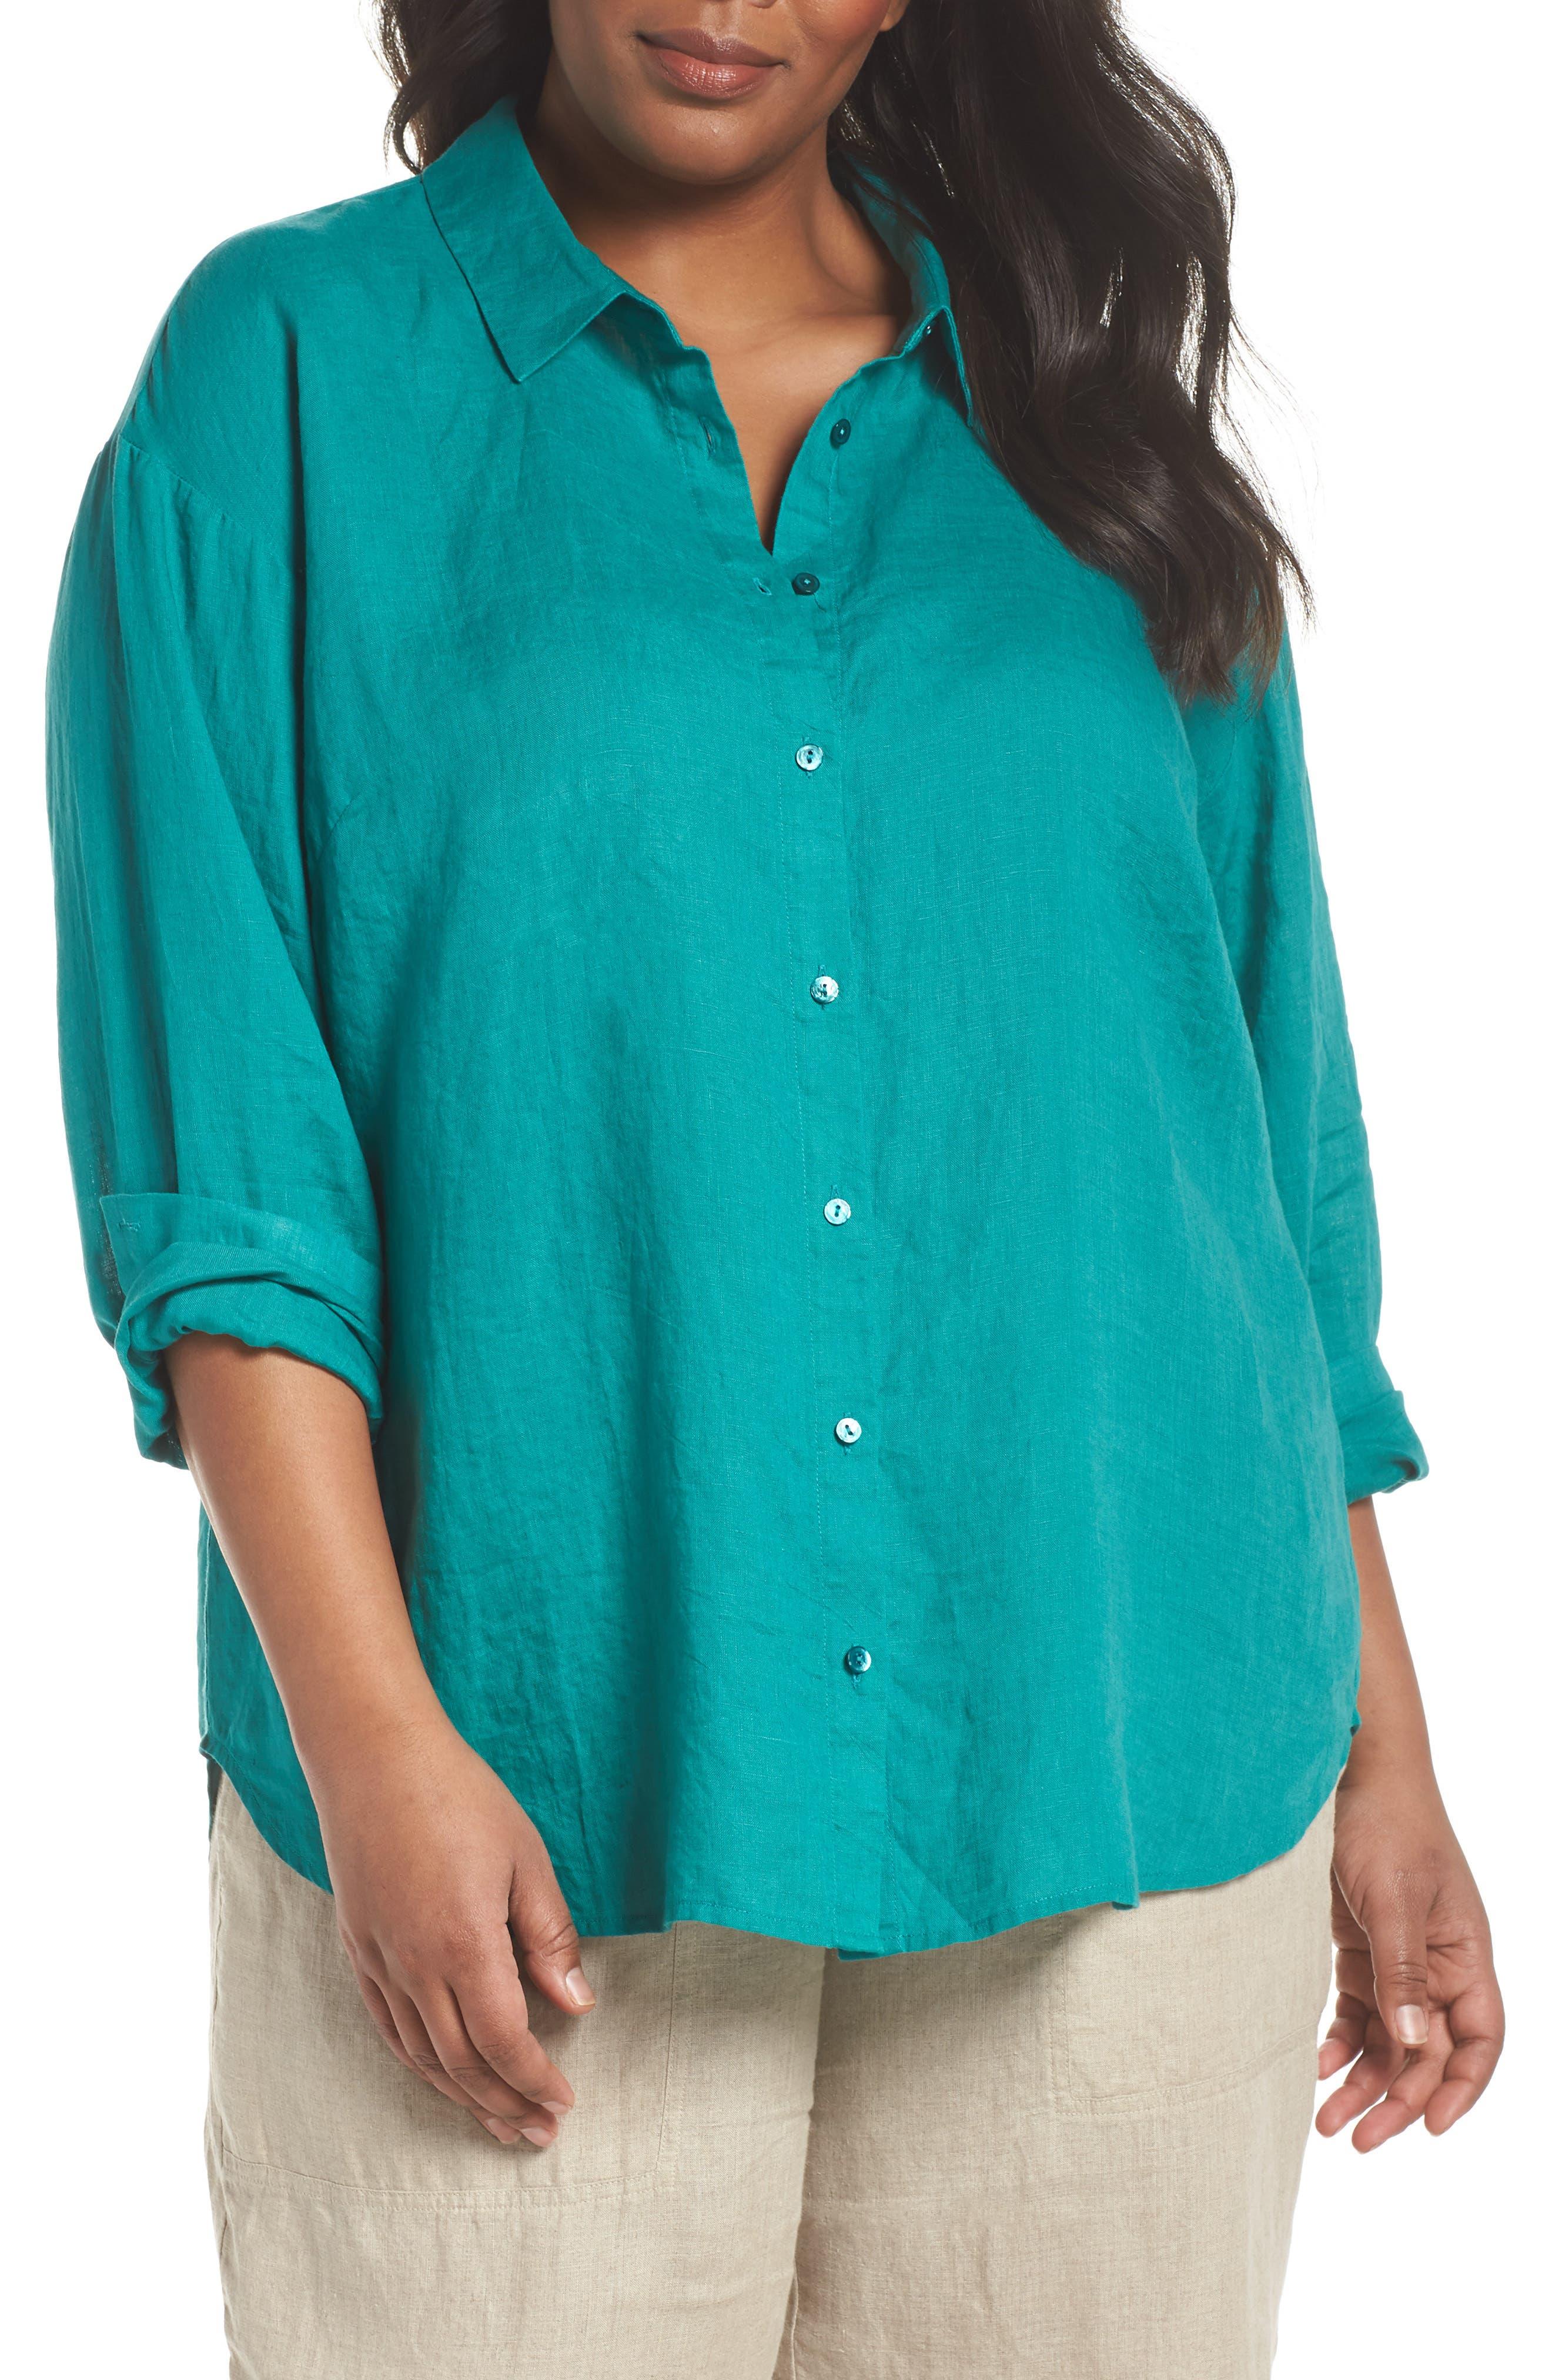 Main Image - Eileen Fisher Organic Linen Shirt (Plus Size)